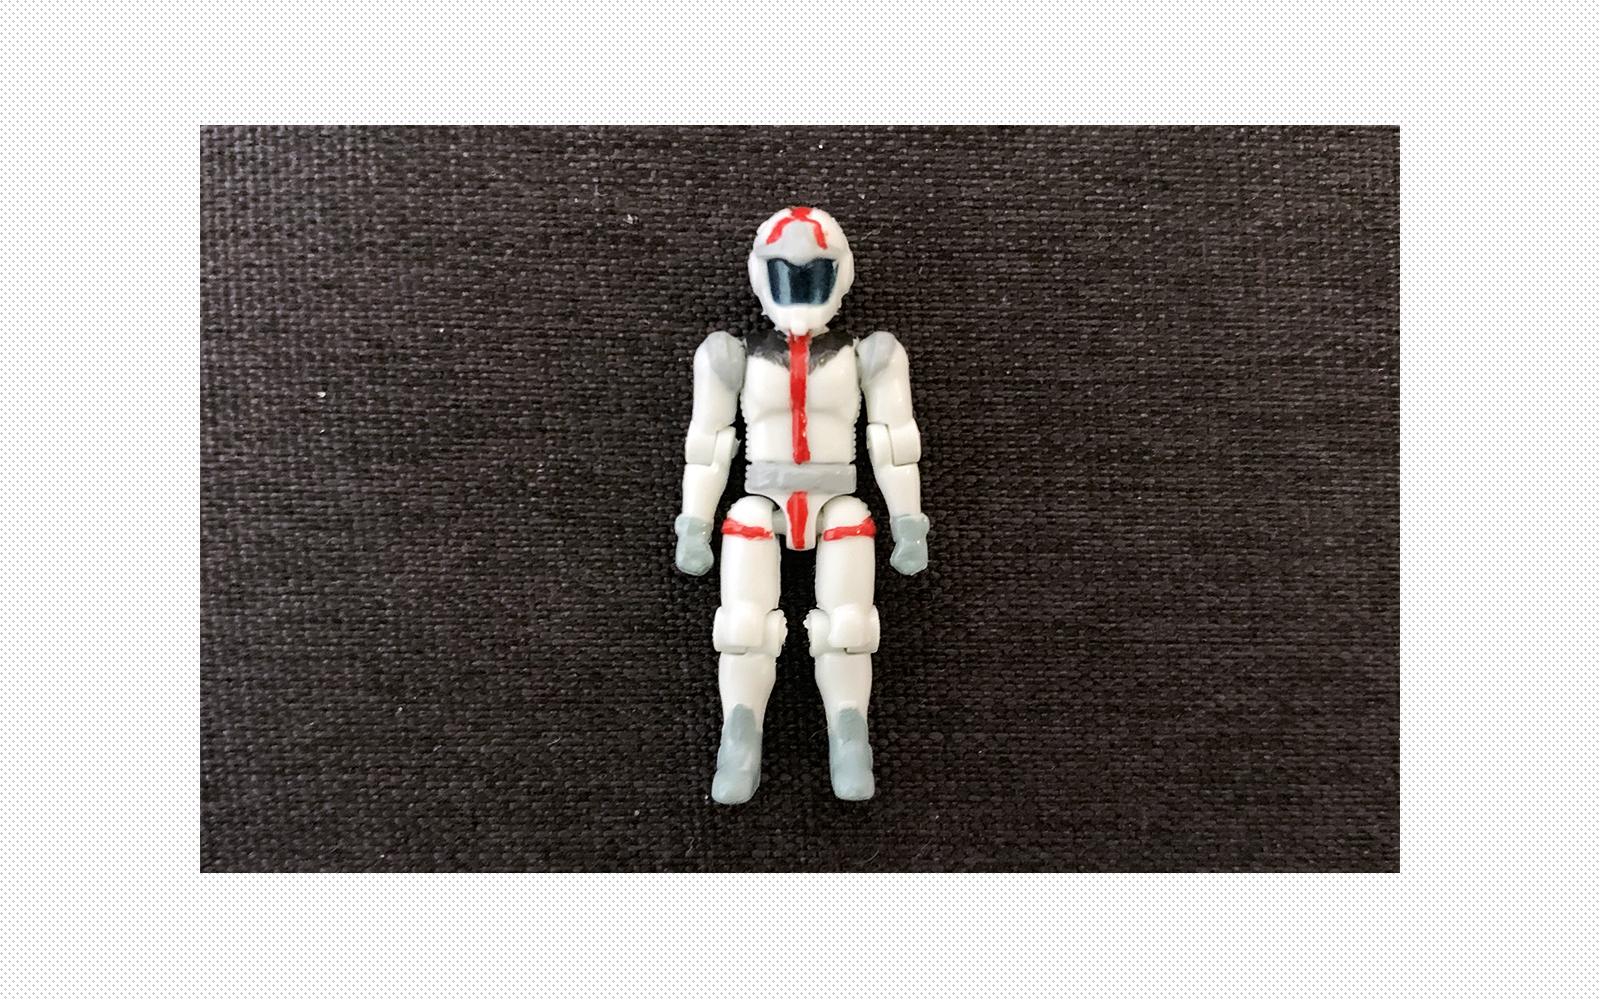 機動戦士ガンダム マイクロウォーズ アムロ・レイパイロットスーツ塗装